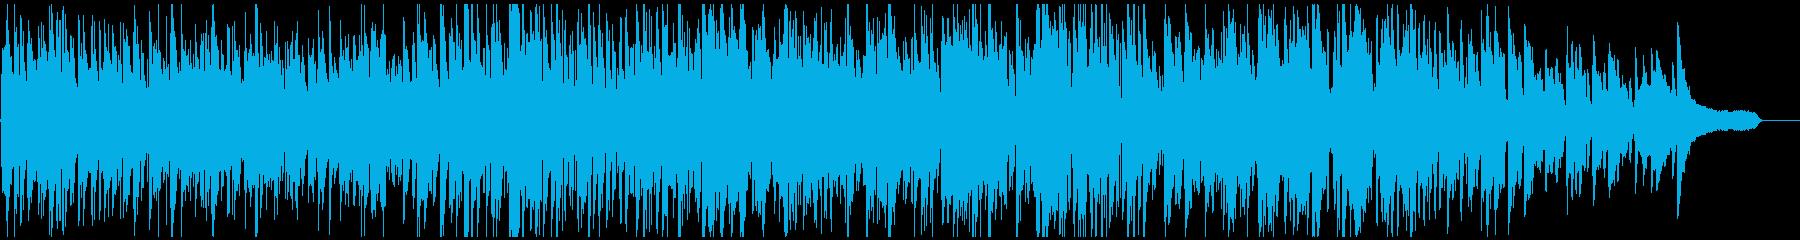 明るいお洒落なテナーサックスの軽快ジャズの再生済みの波形